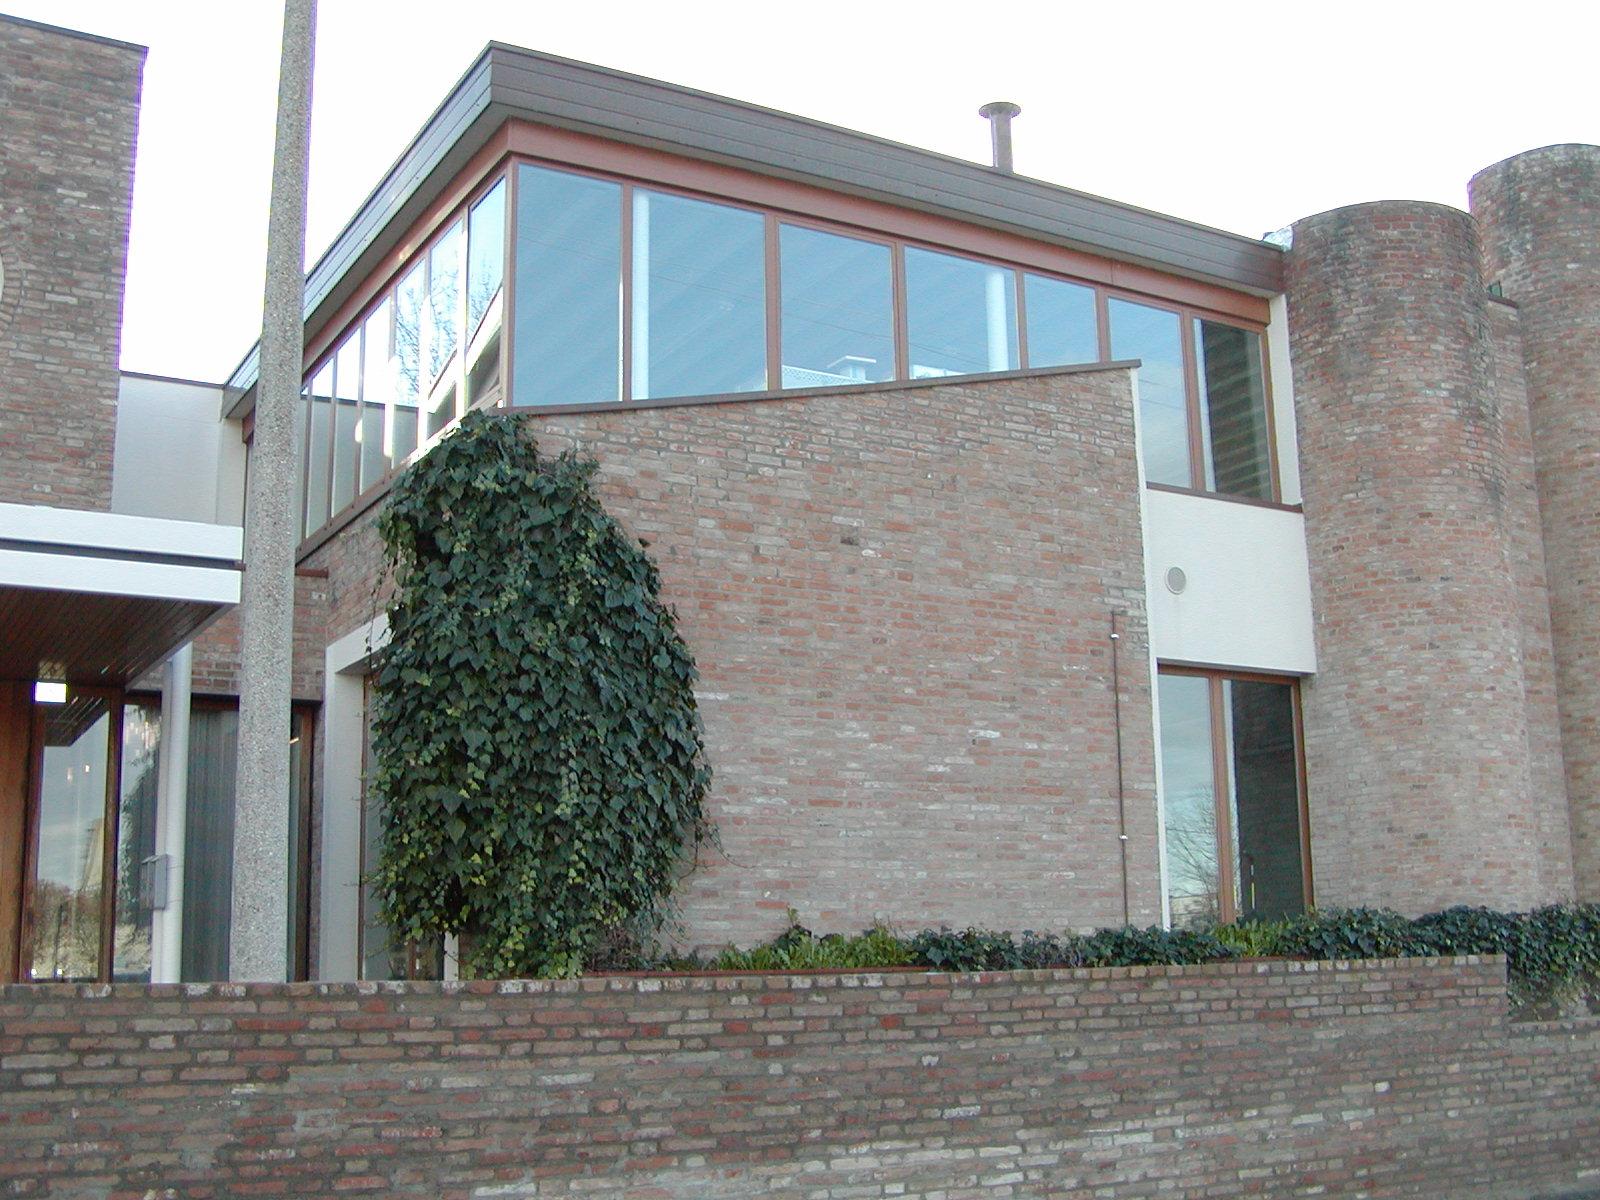 Studio-di-architettura-Baisotti-Sigala-prgetti.11.2003-02824